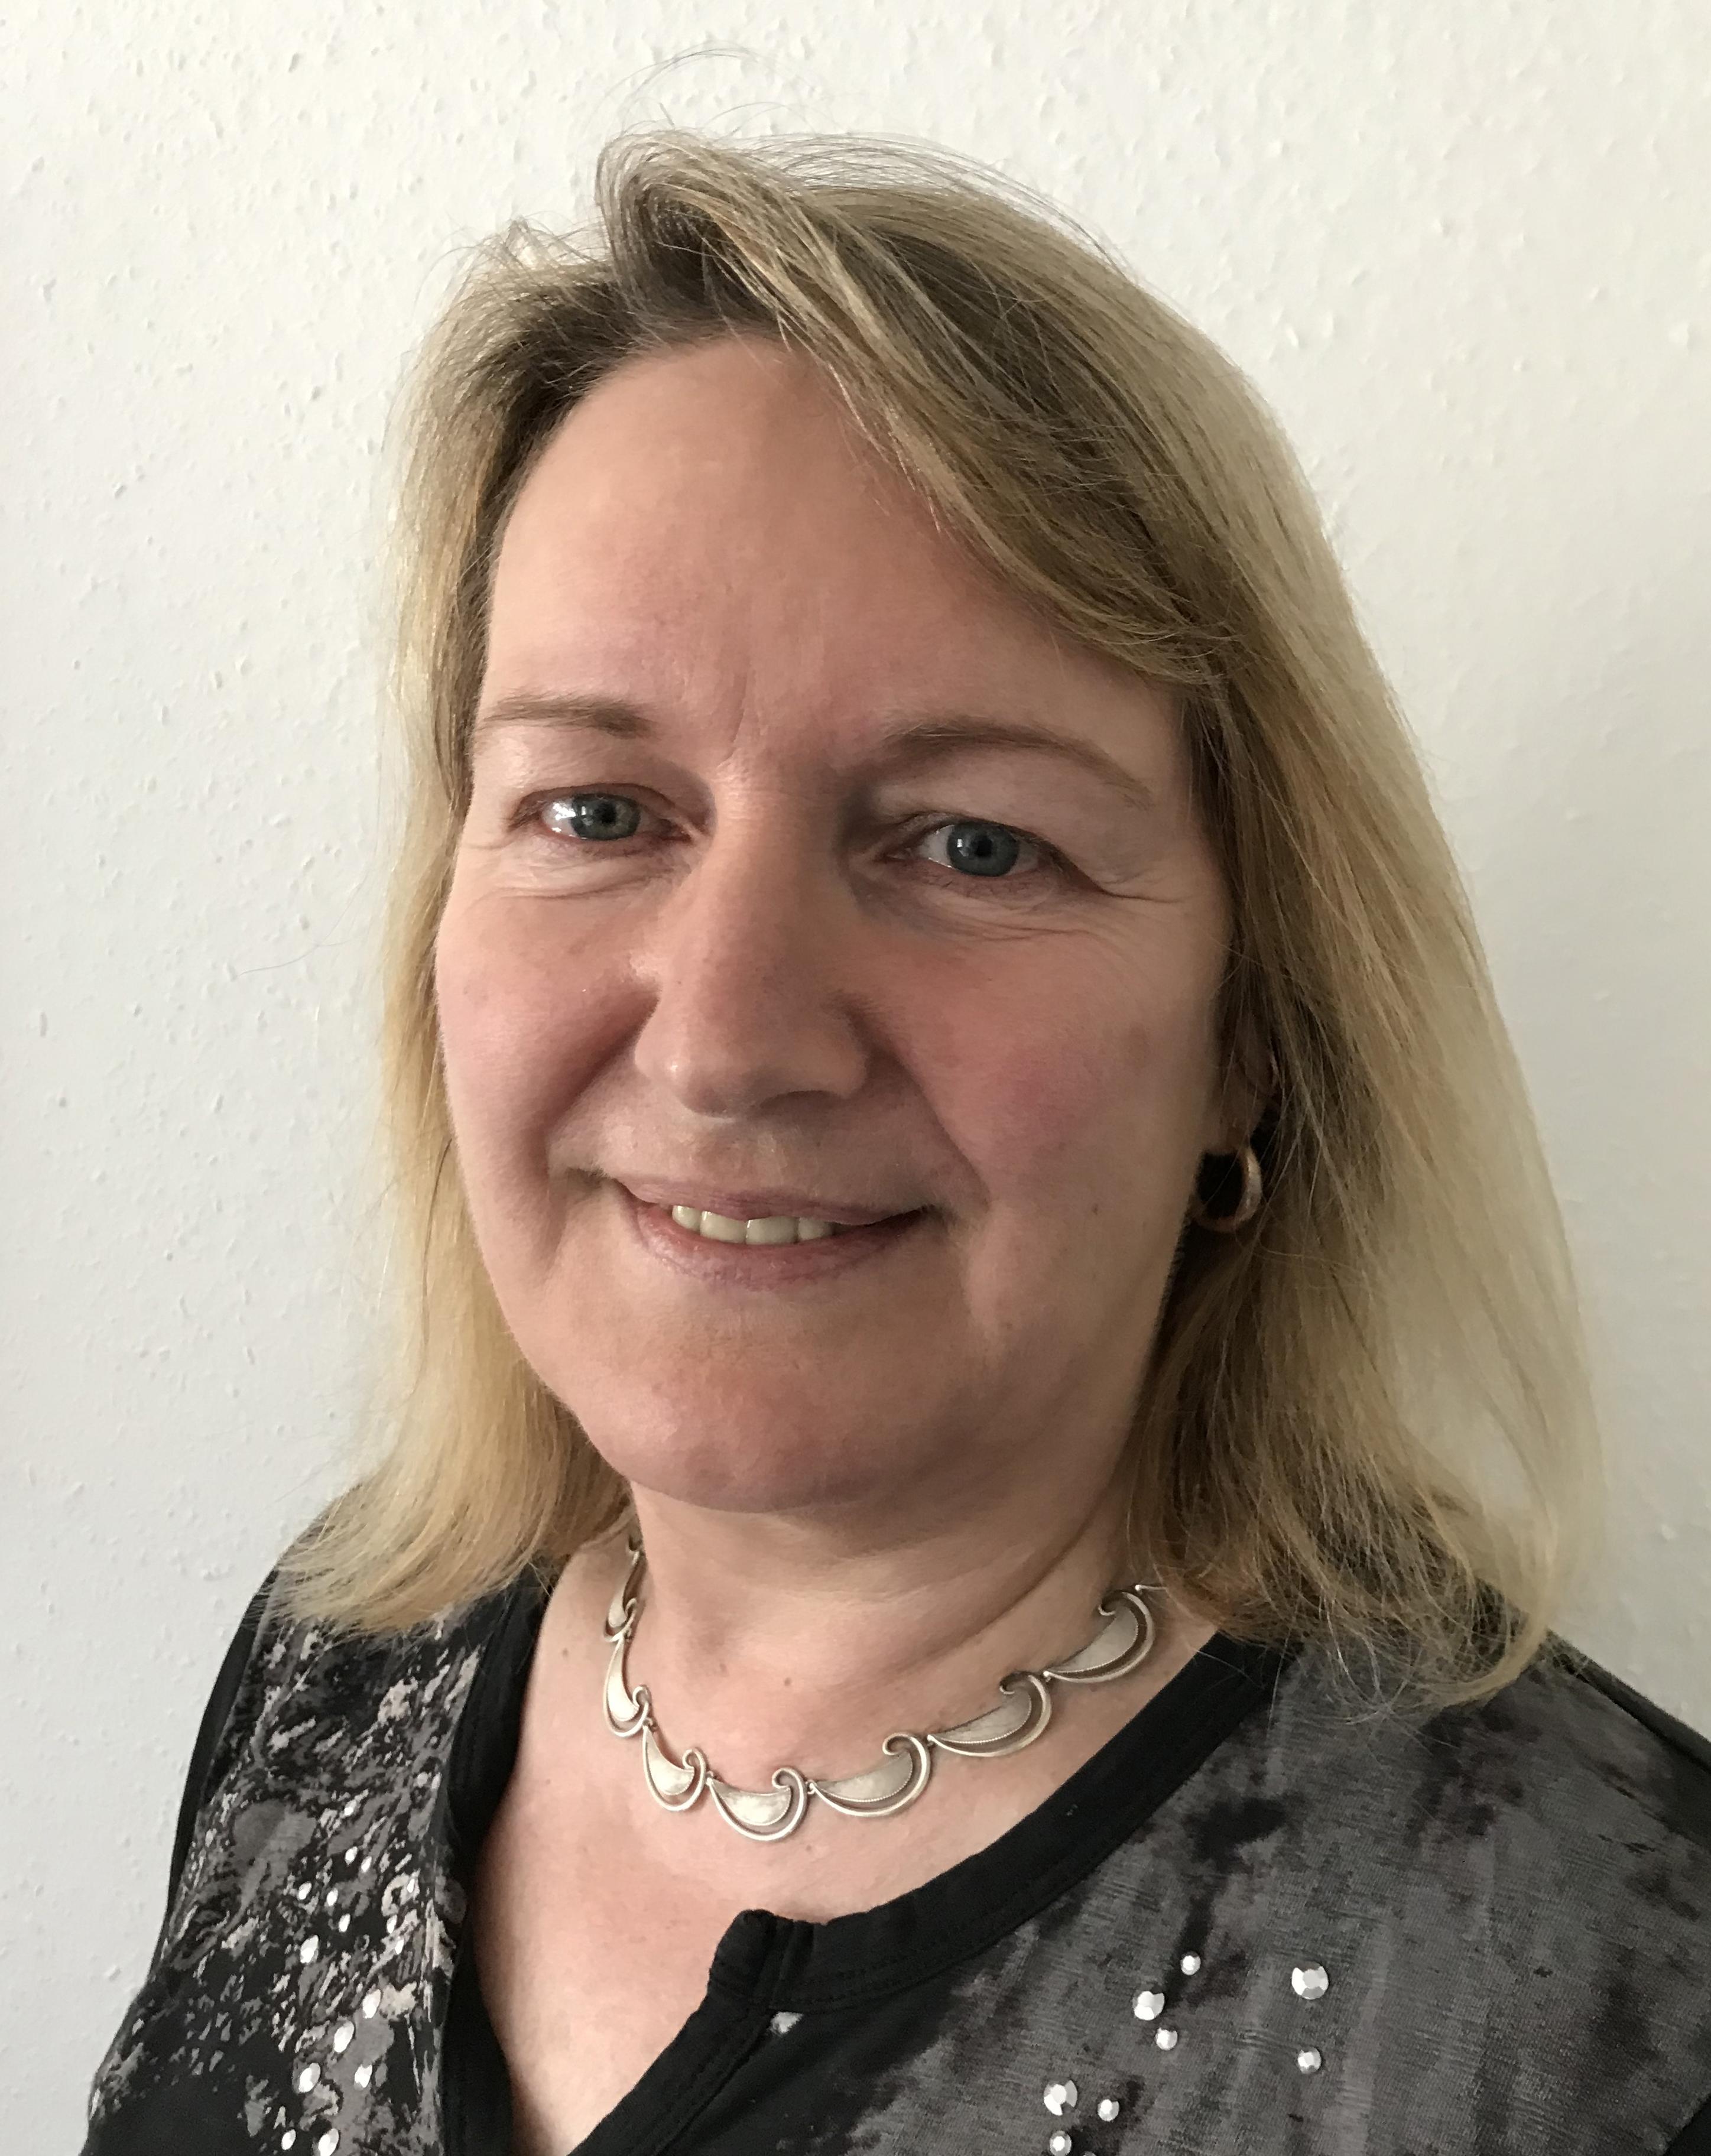 Seit dem 1. Mai 2018 ist Judith Mesenberg Leiterin des Sozialpsychiatrischen Dienstes SPDI Füssen.